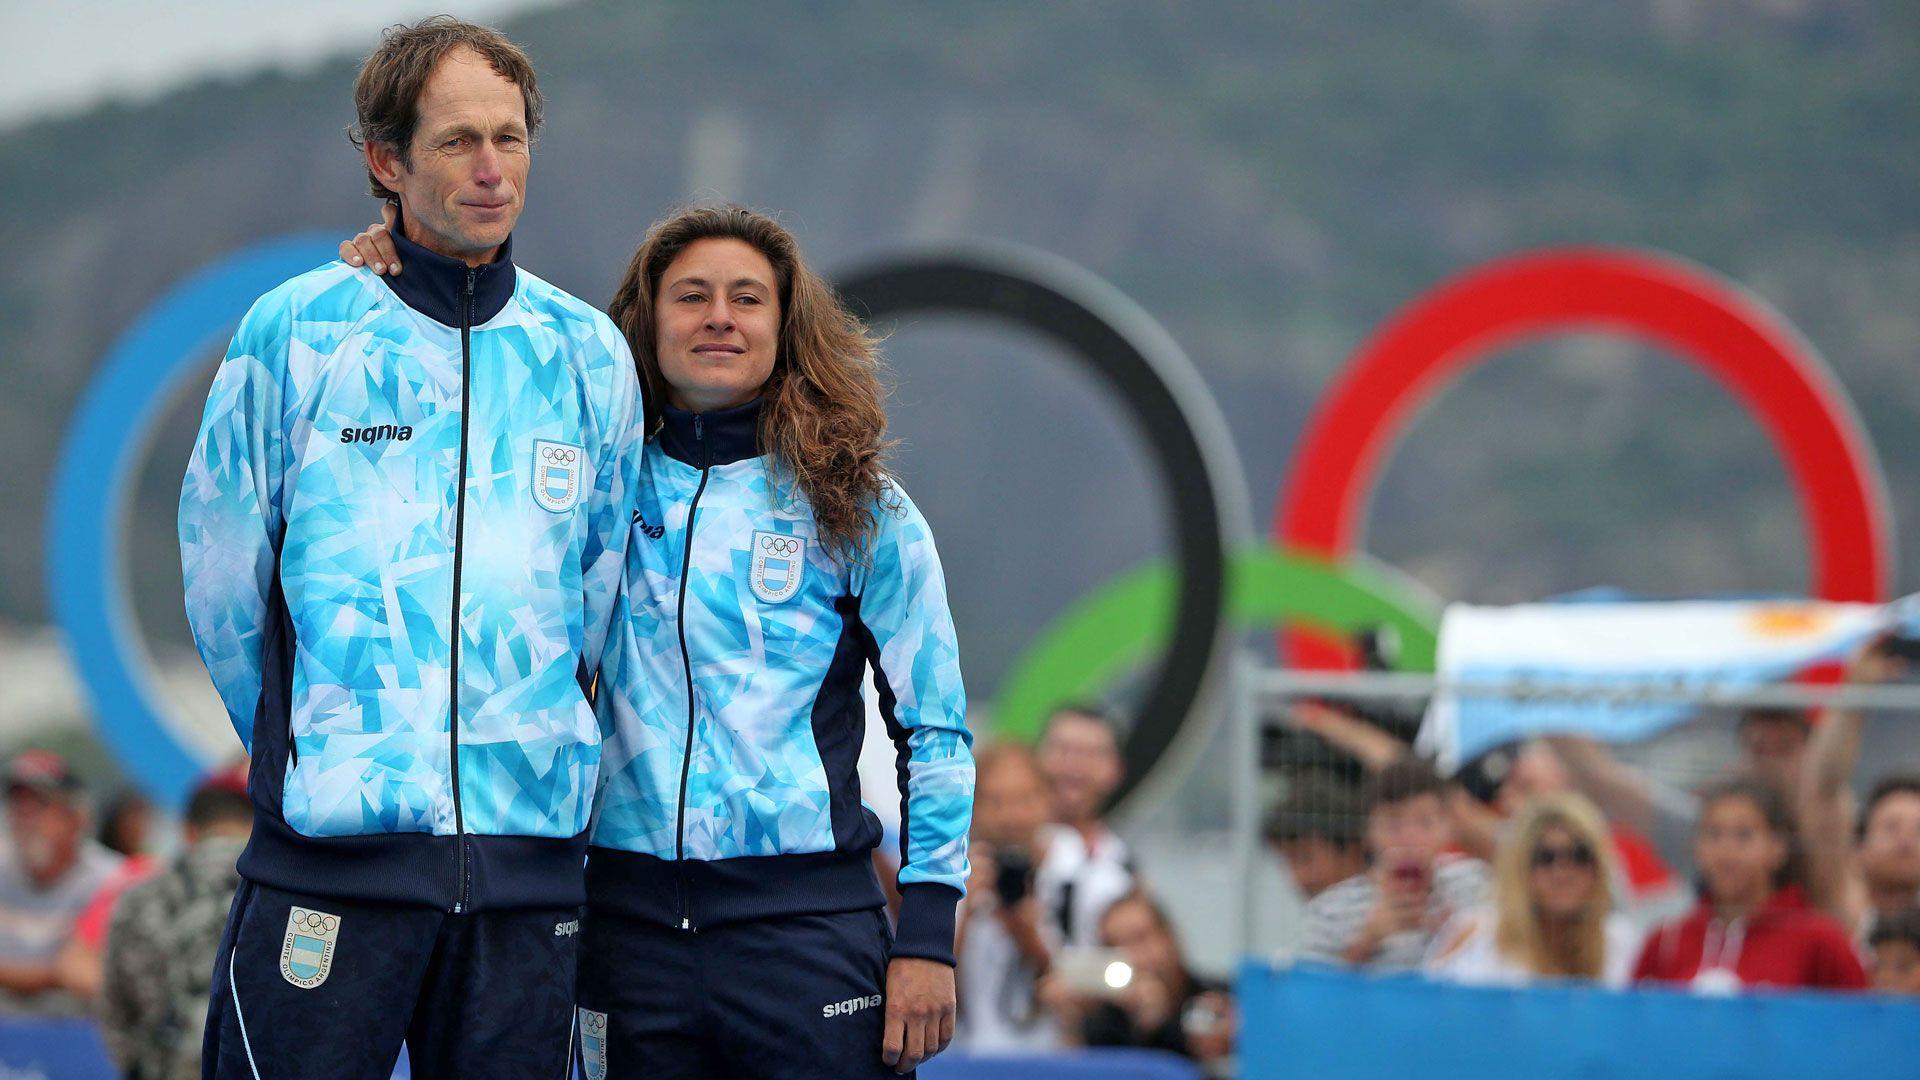 La dupla en lo más alto del podio en Río 2016 (Foto: Télam)